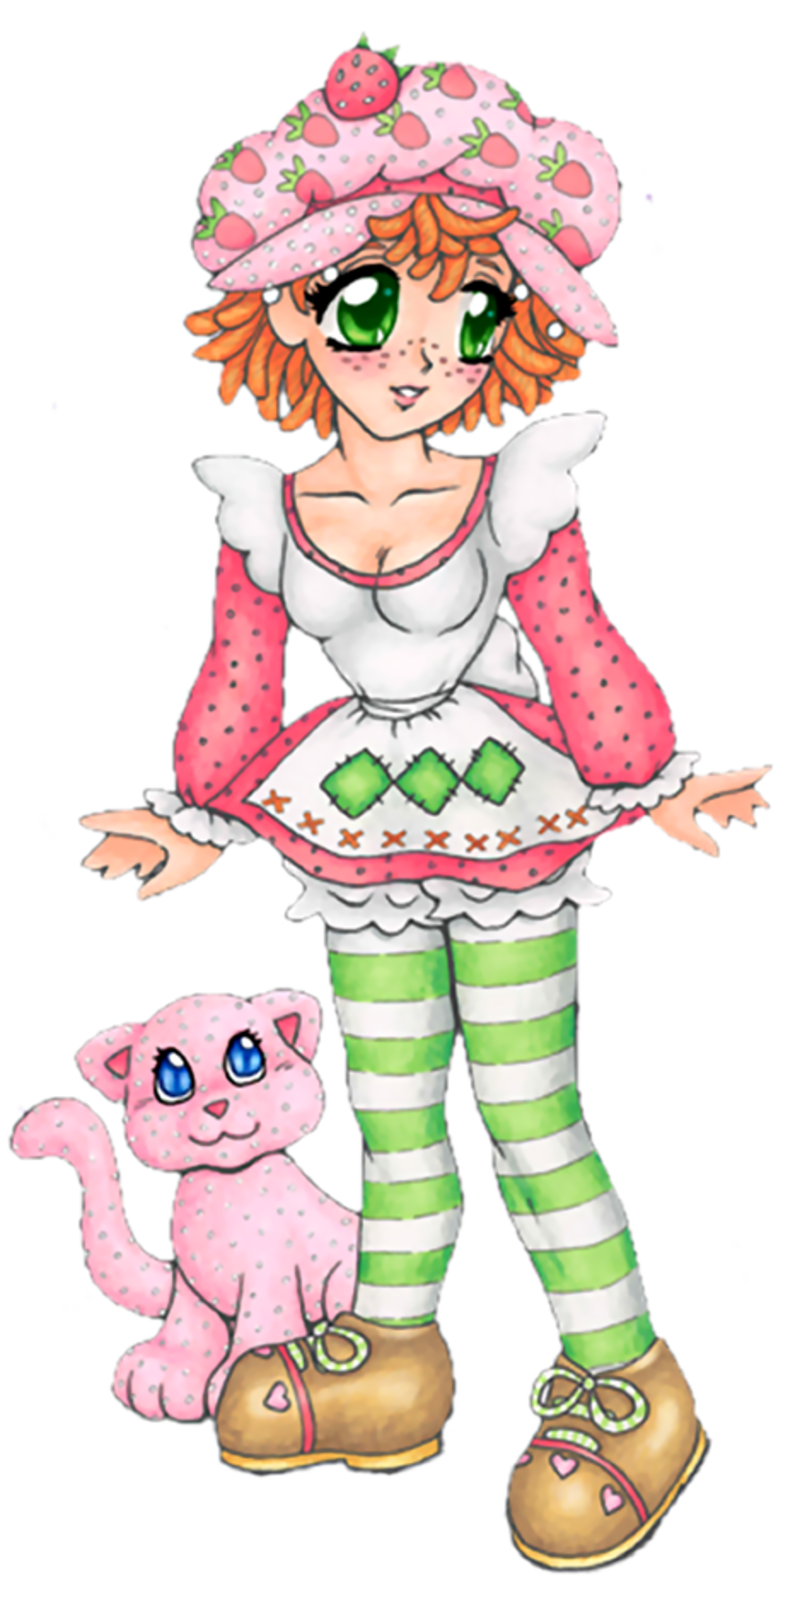 Charlotte aux Fraises (divers) - Page 2 Strawberry_Shortcake___ded